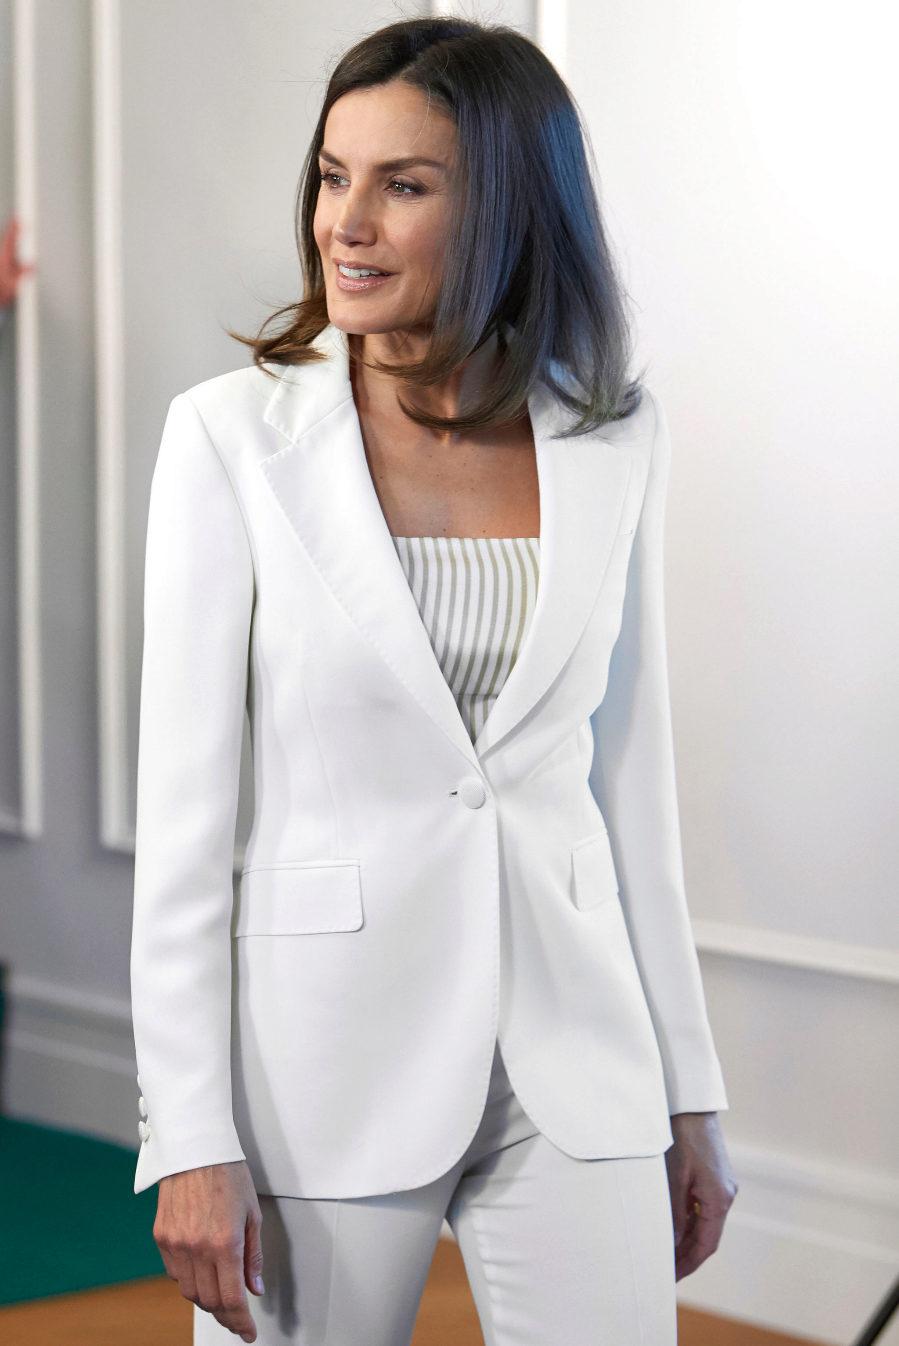 La Reina ha vuelto a apostar por hacer un guiño a ese traje de Armani...